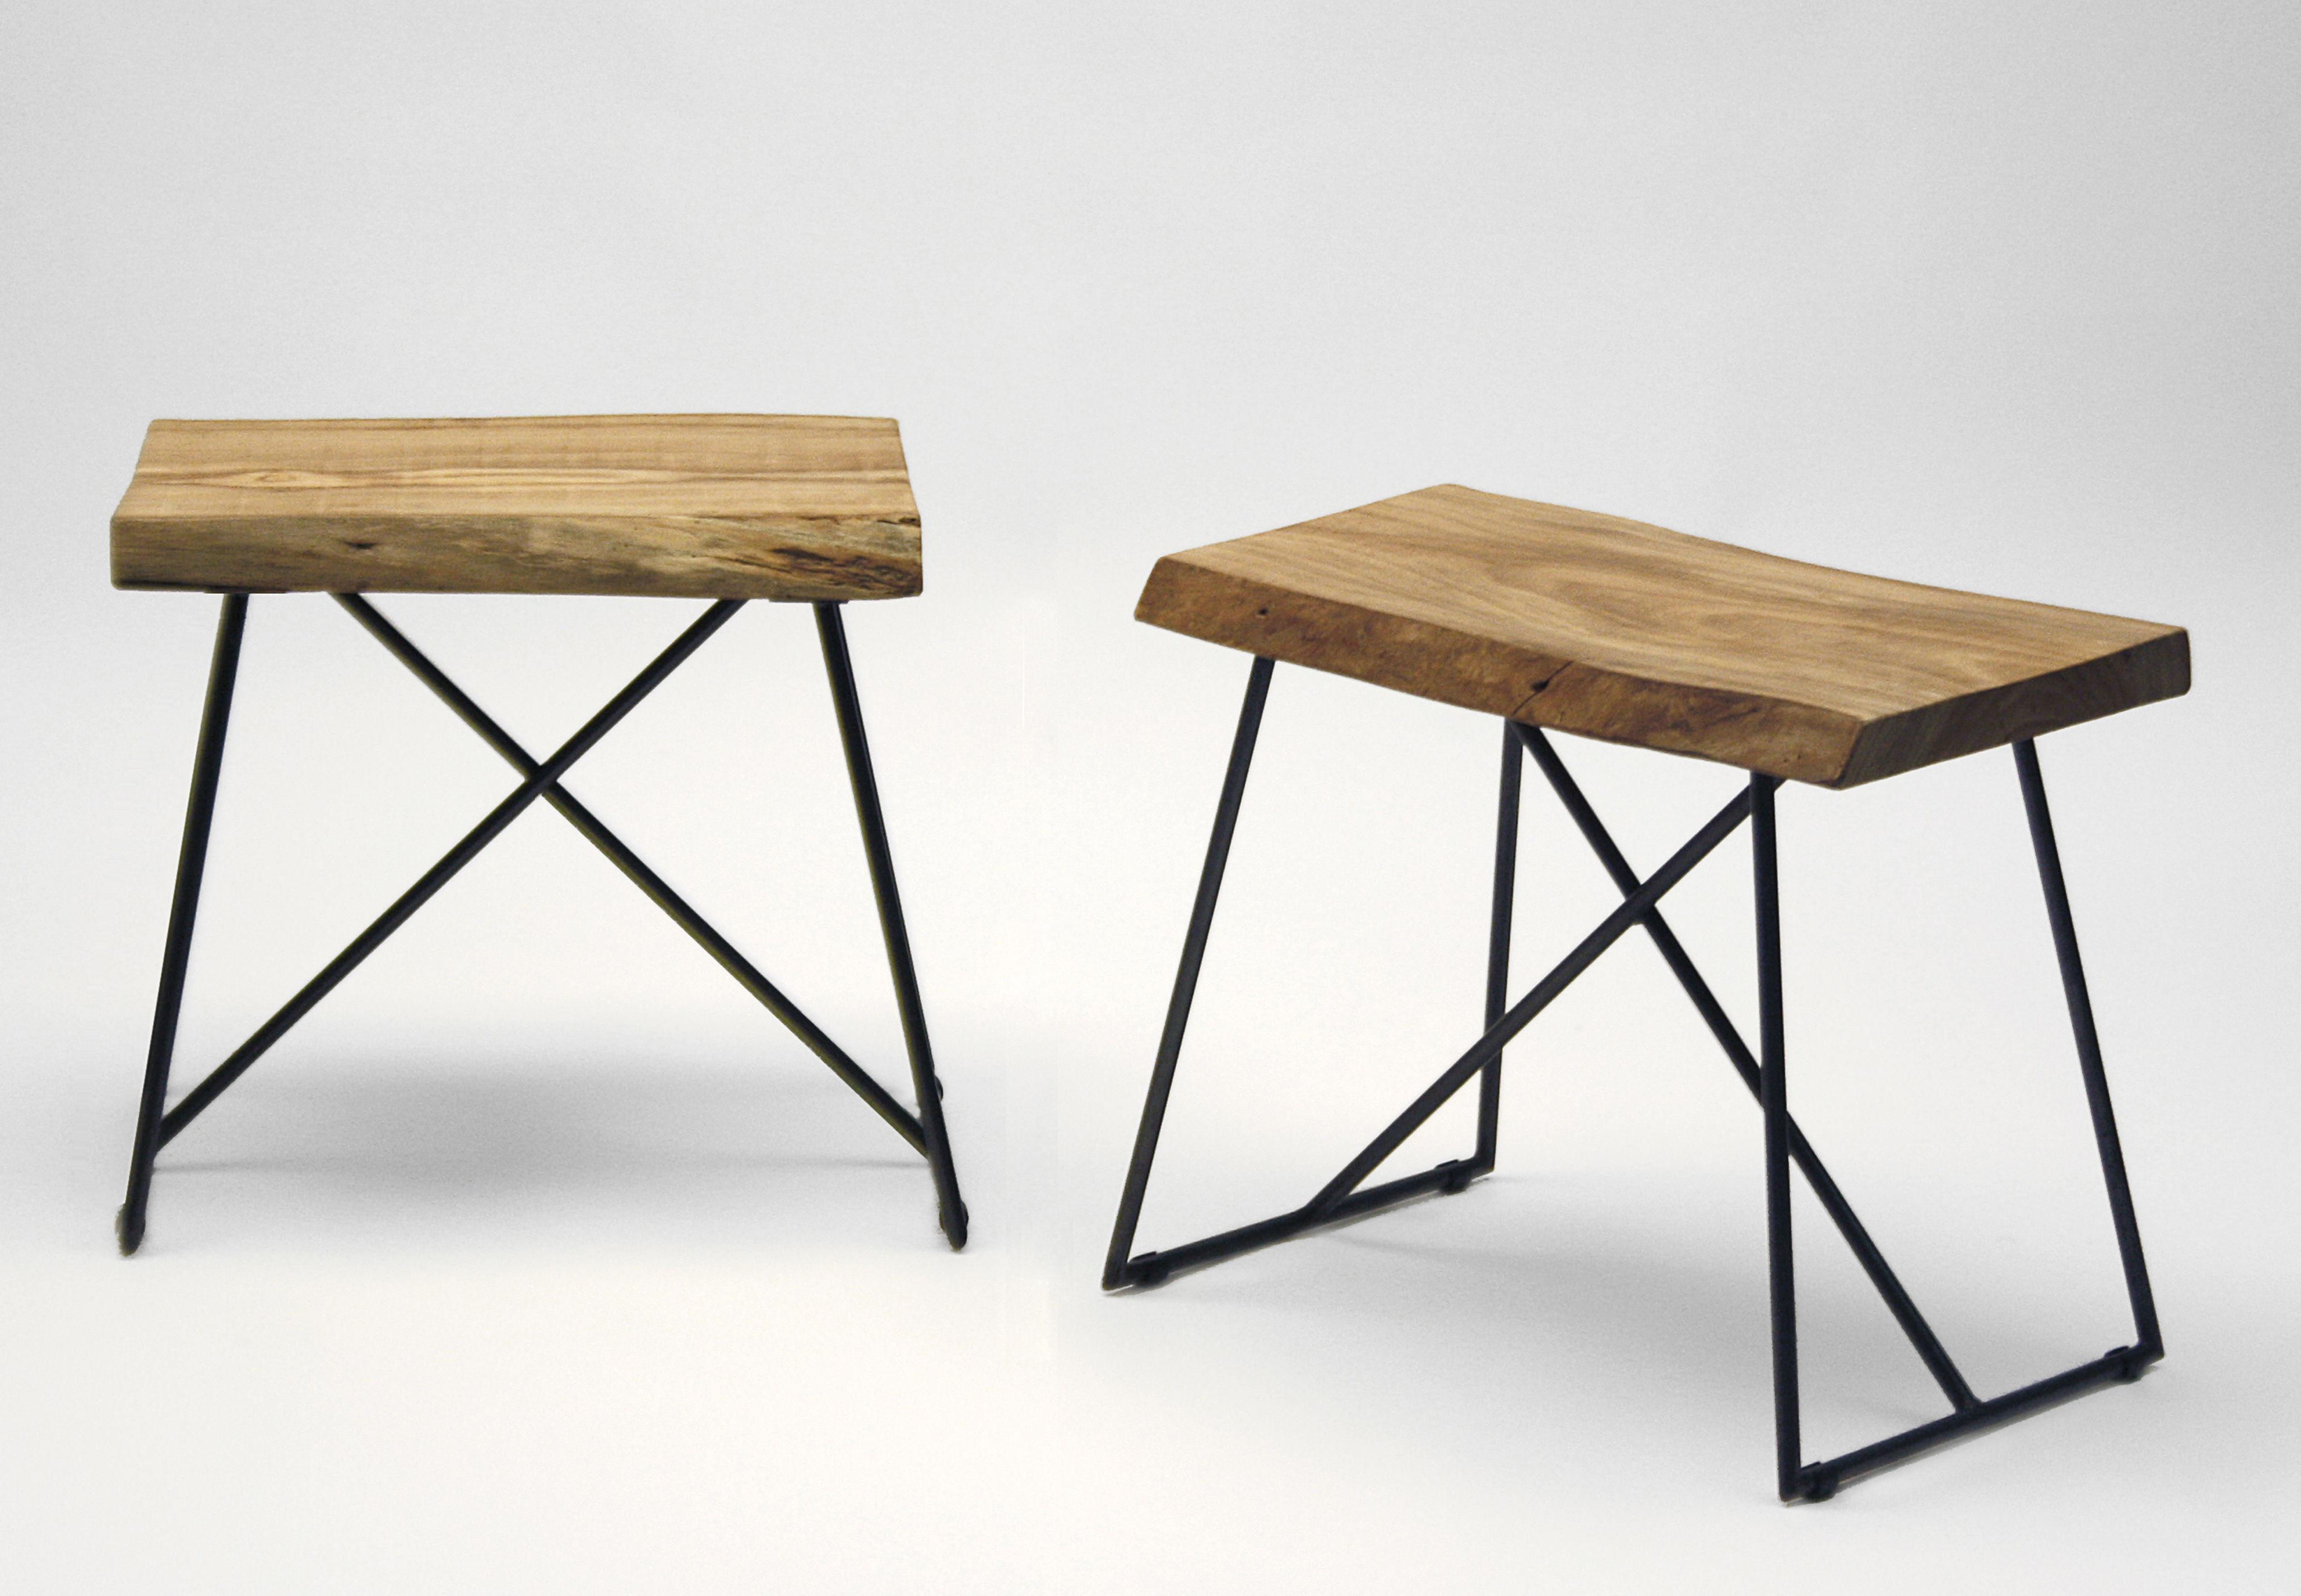 tabouret old times h 47 cm bois m tal bois naturel. Black Bedroom Furniture Sets. Home Design Ideas